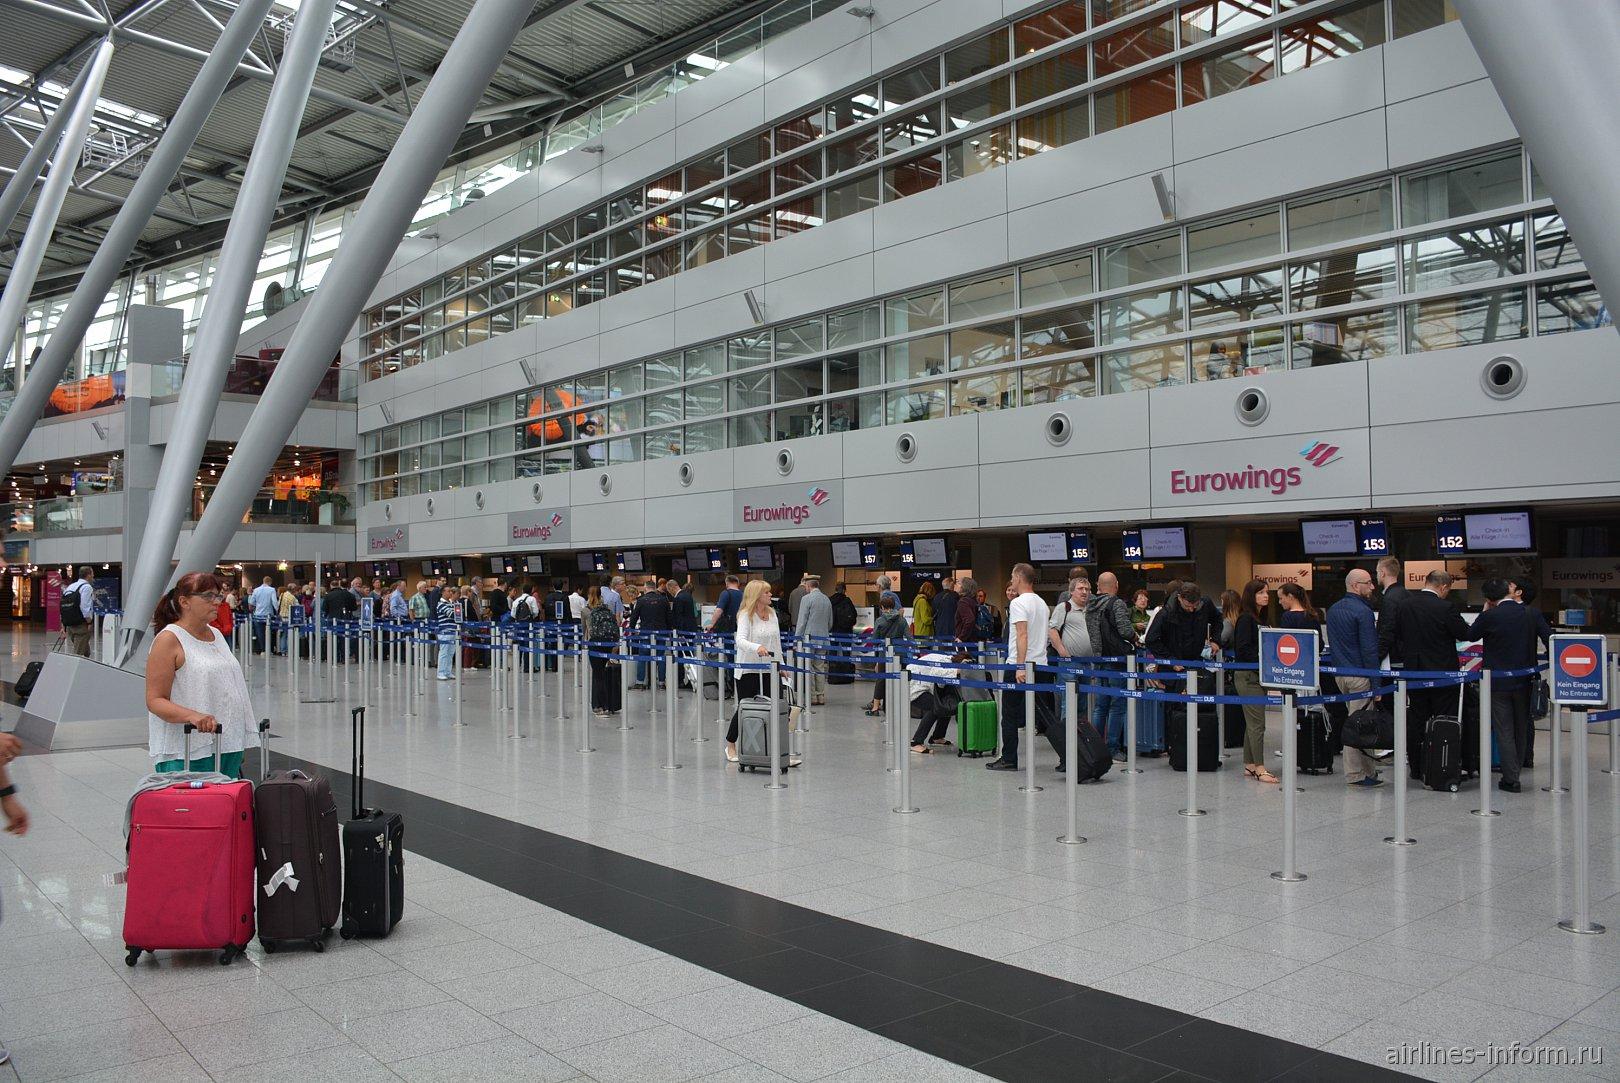 Стойки регистрации авиакомпании Eurowings в аэропорту Дюссельдорфа